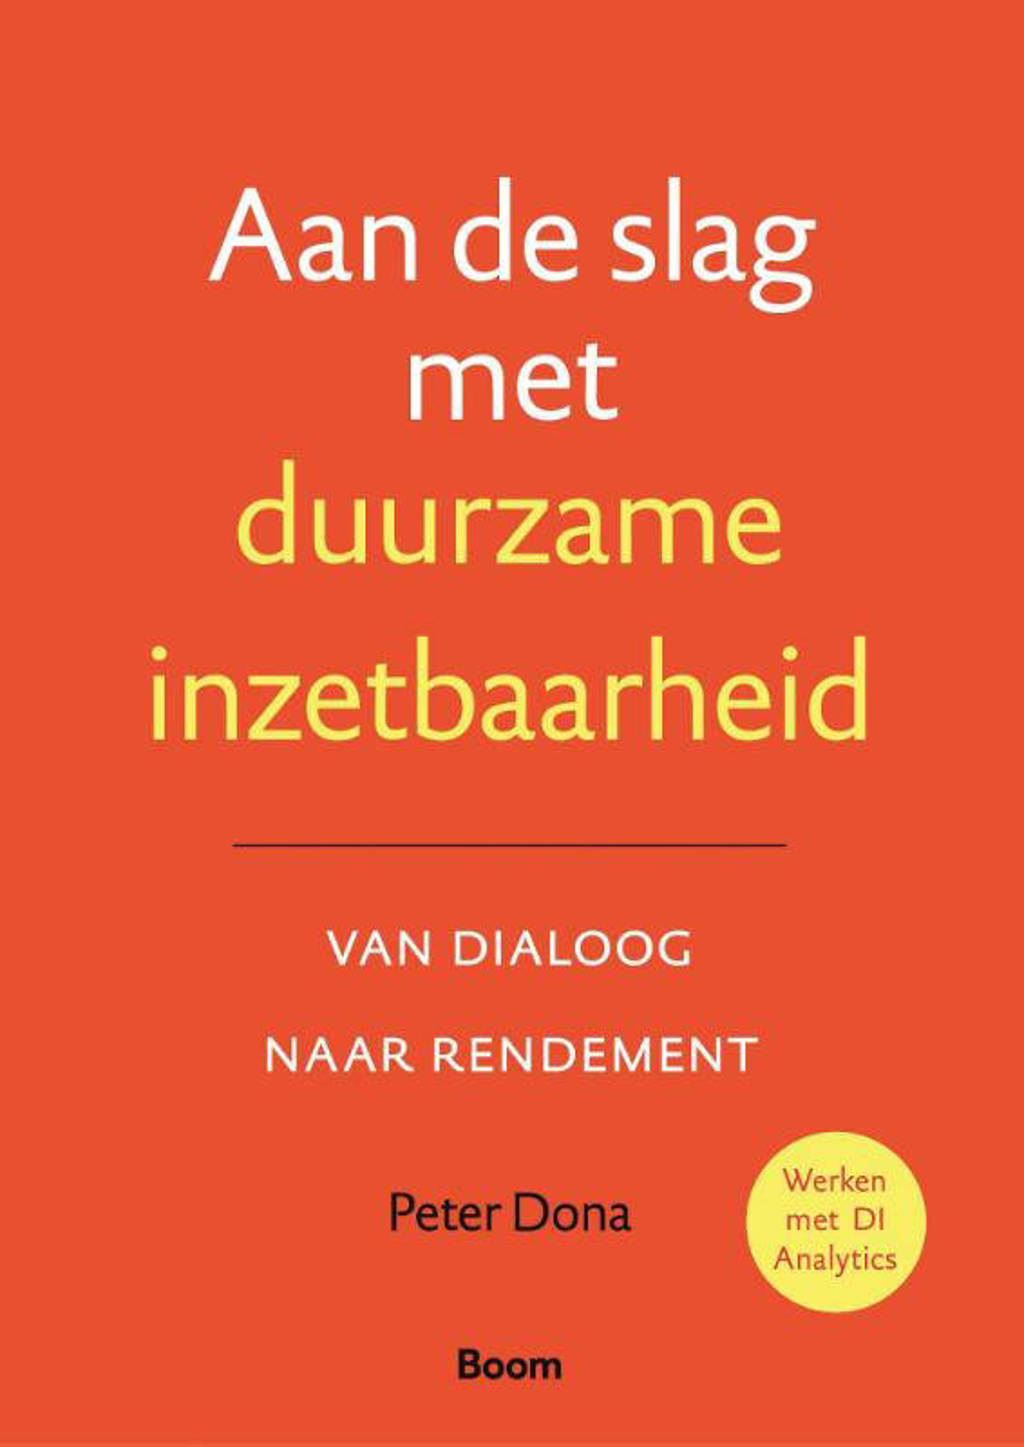 Aan de slag met duurzame inzetbaarheid - Peter Dona